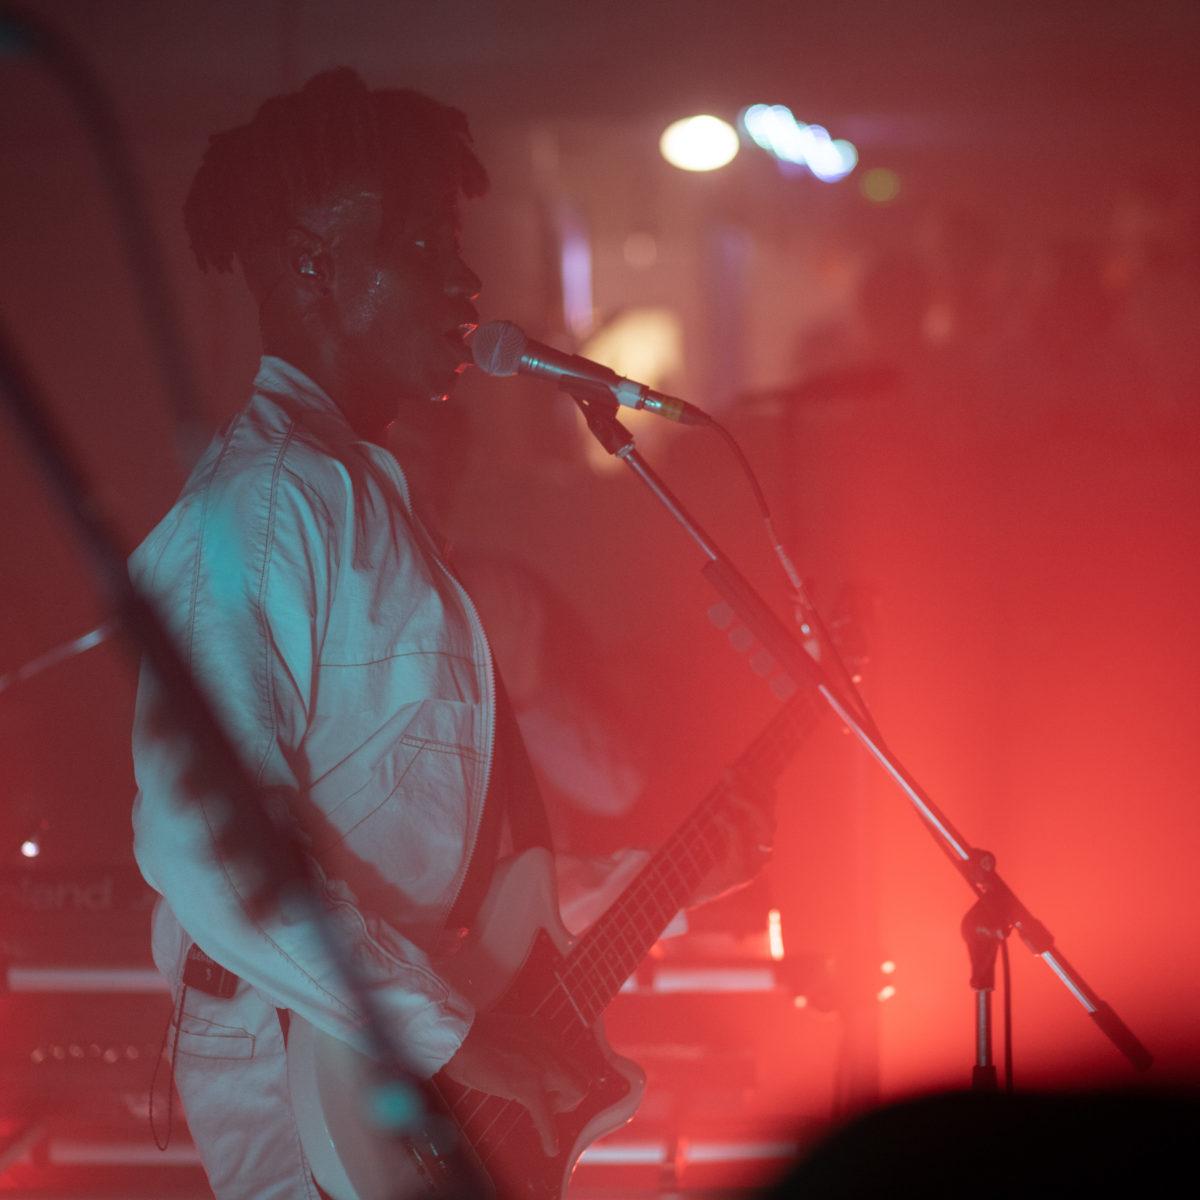 Jeudi dernier on avait pris rendez vous avec Metronomy pour sa release party. Comme toujours, le groupe nous a surpris et nous a offert l'un de ses meilleurs concert.